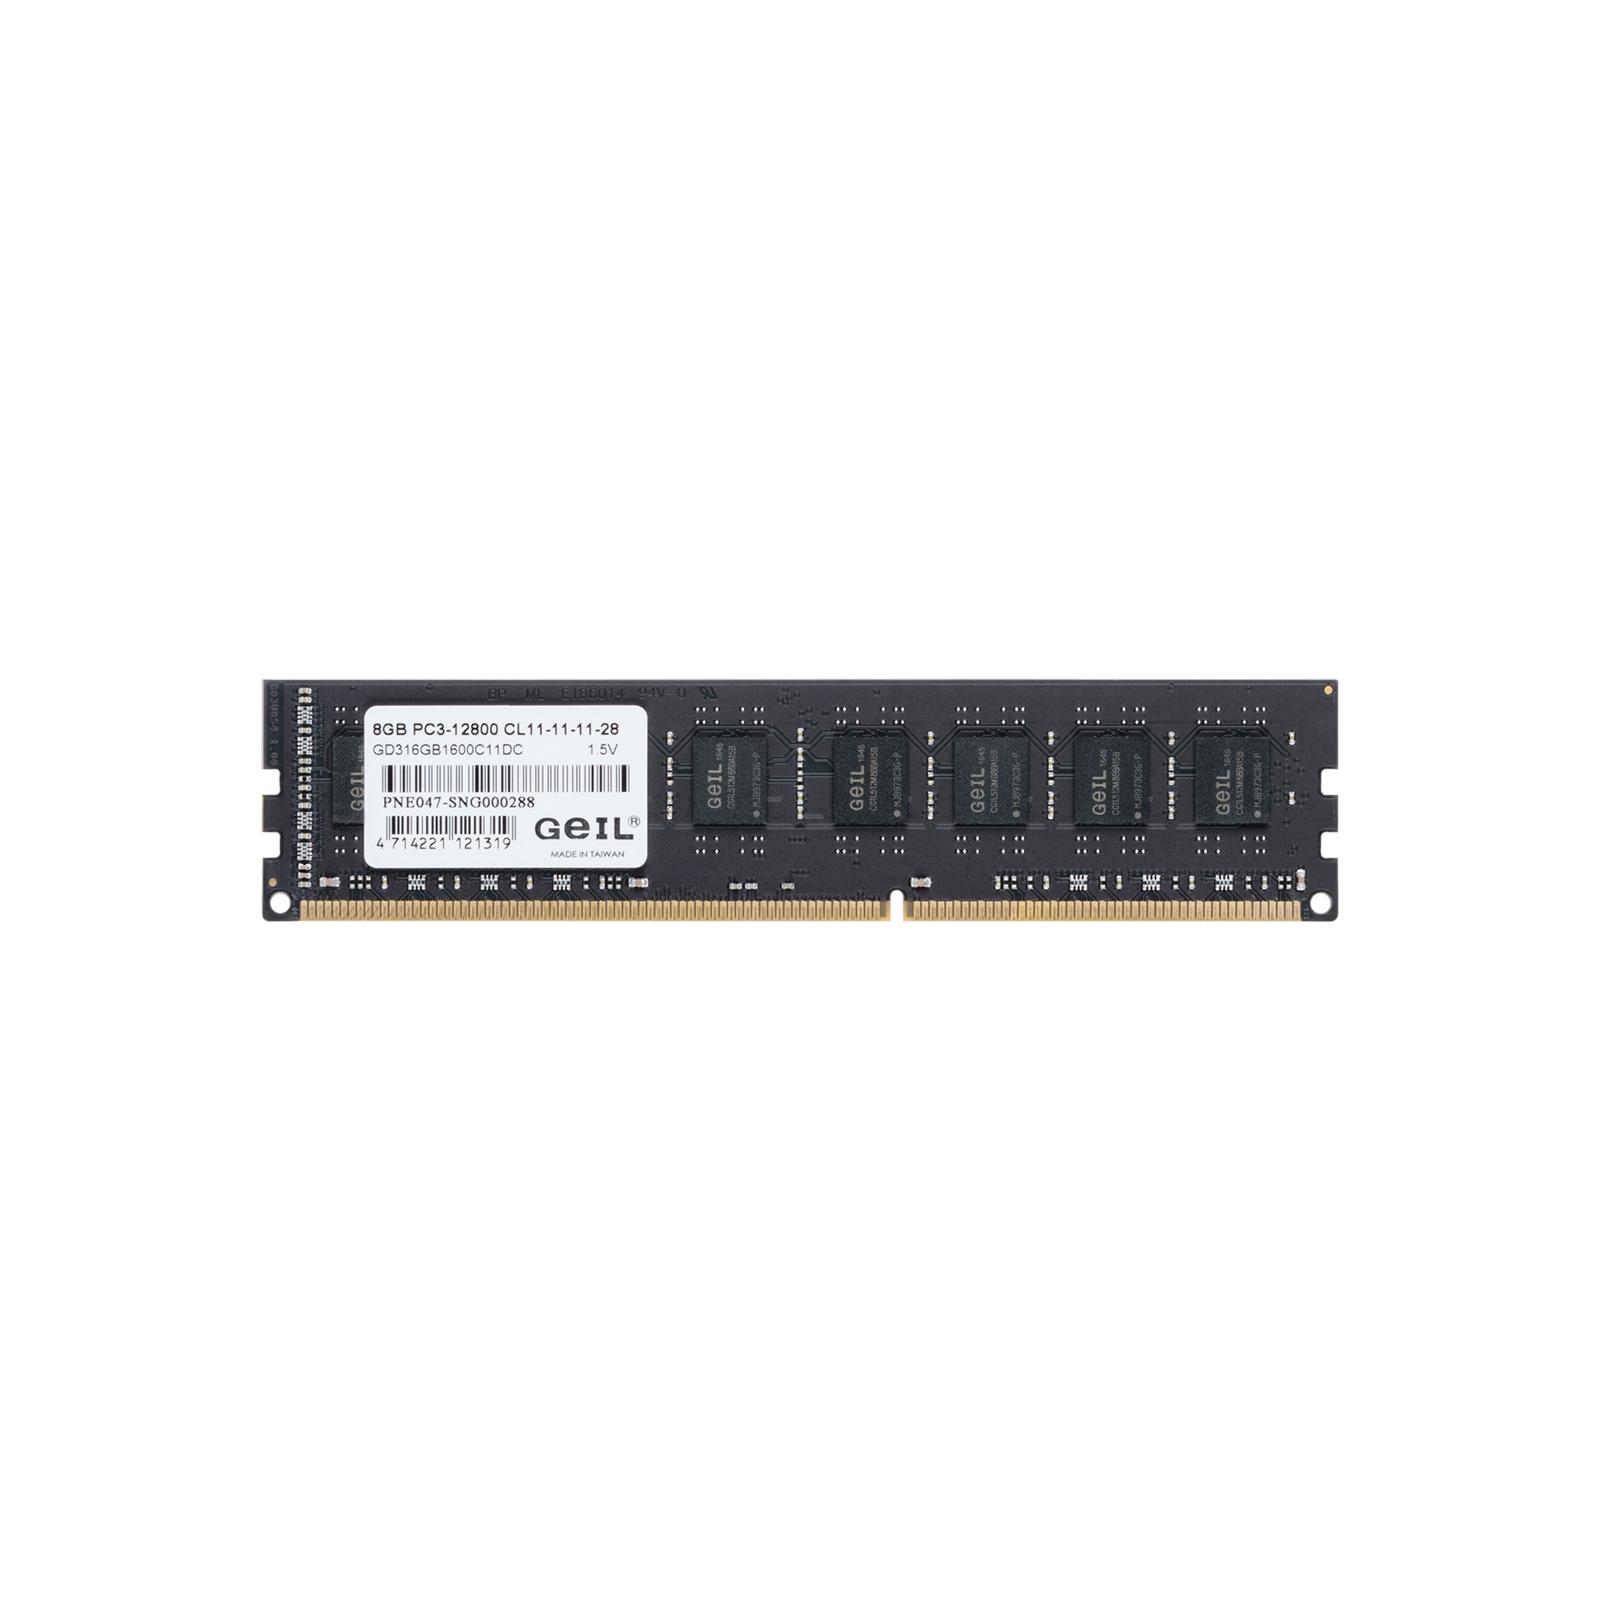 Модуль памяти для компьютера DDR3 16GB (2x8GB) 1600 MHz GEIL (GD316GB1600C11DC) изображение 2